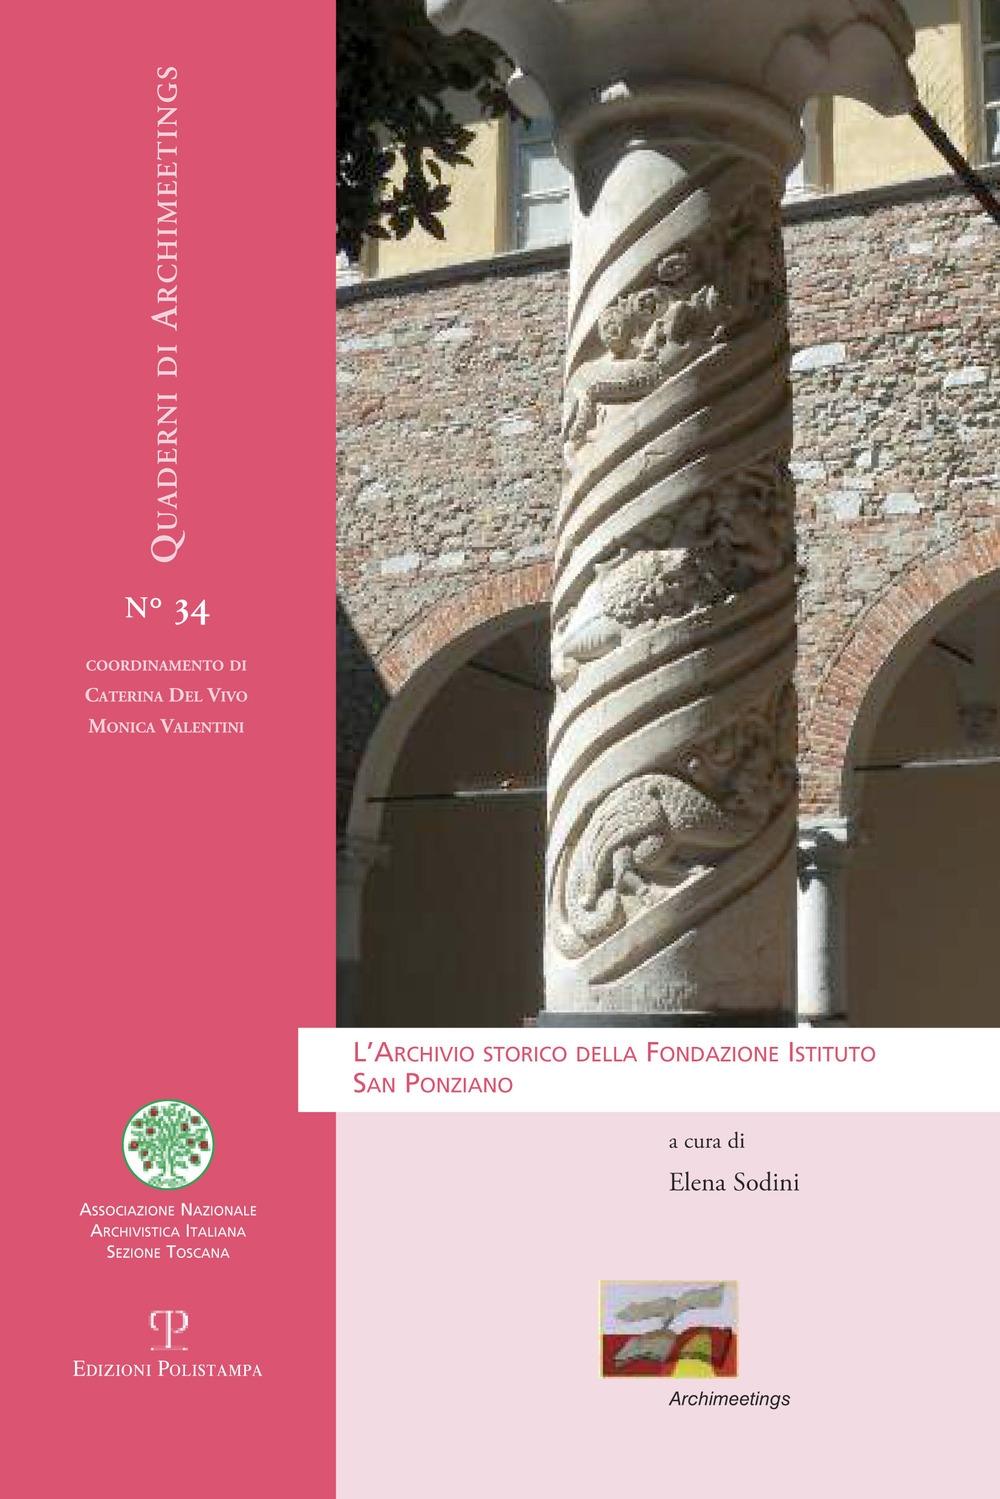 L'archivio storico della Fondazione Istituto San Ponziano